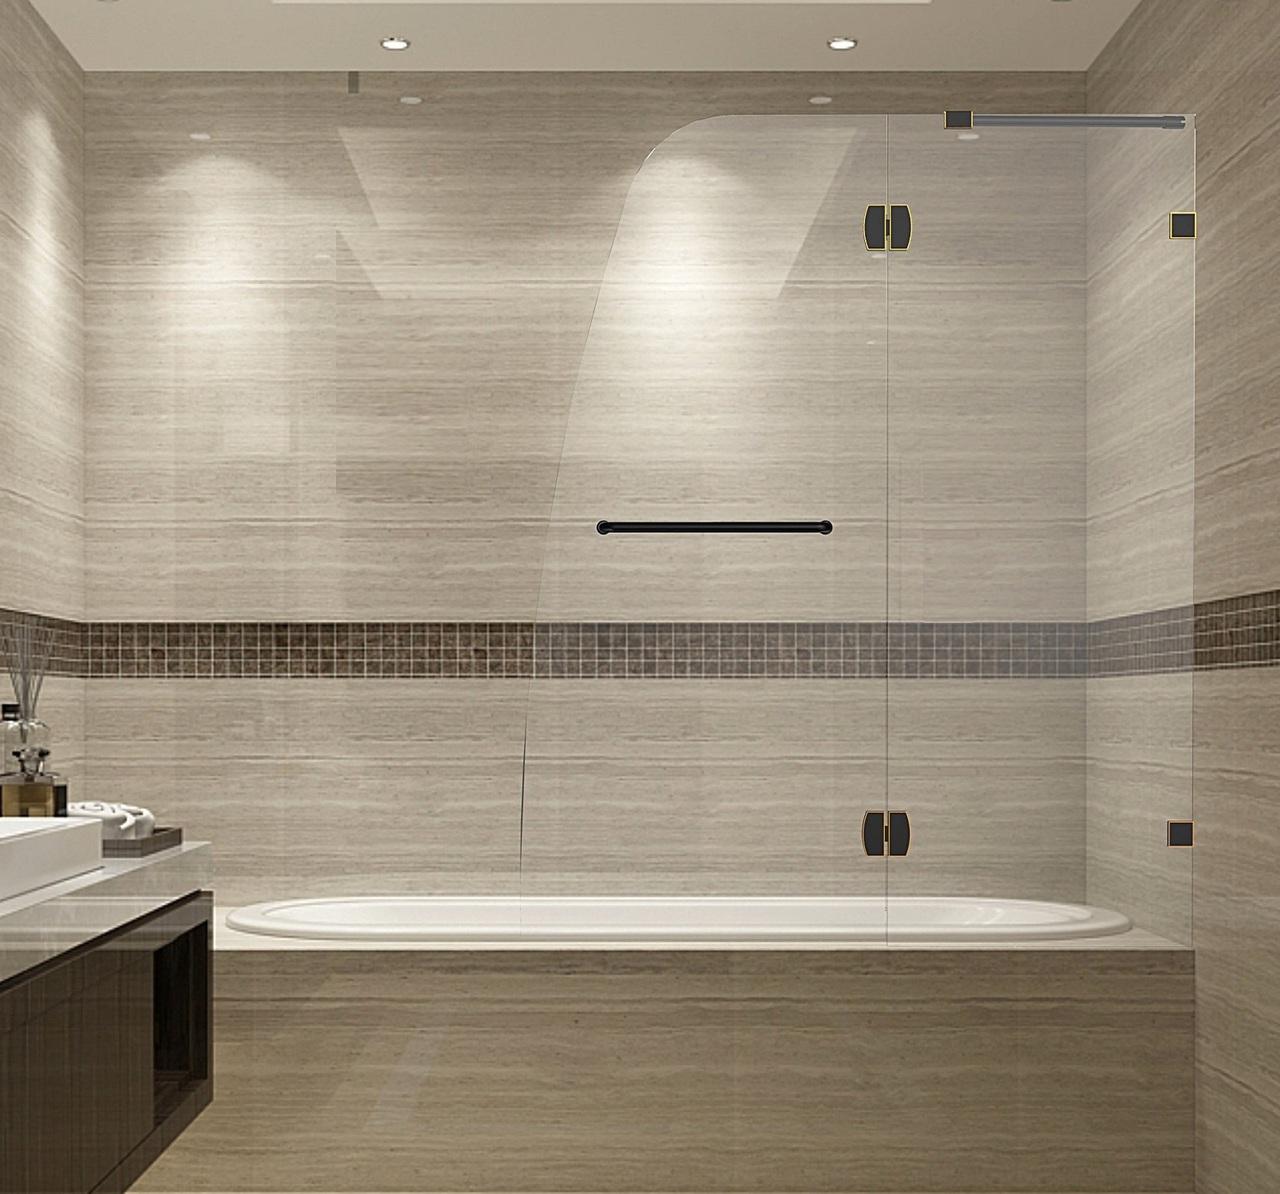 Soleil Completely Frameless Tub Shower Pivot Door Tdr982